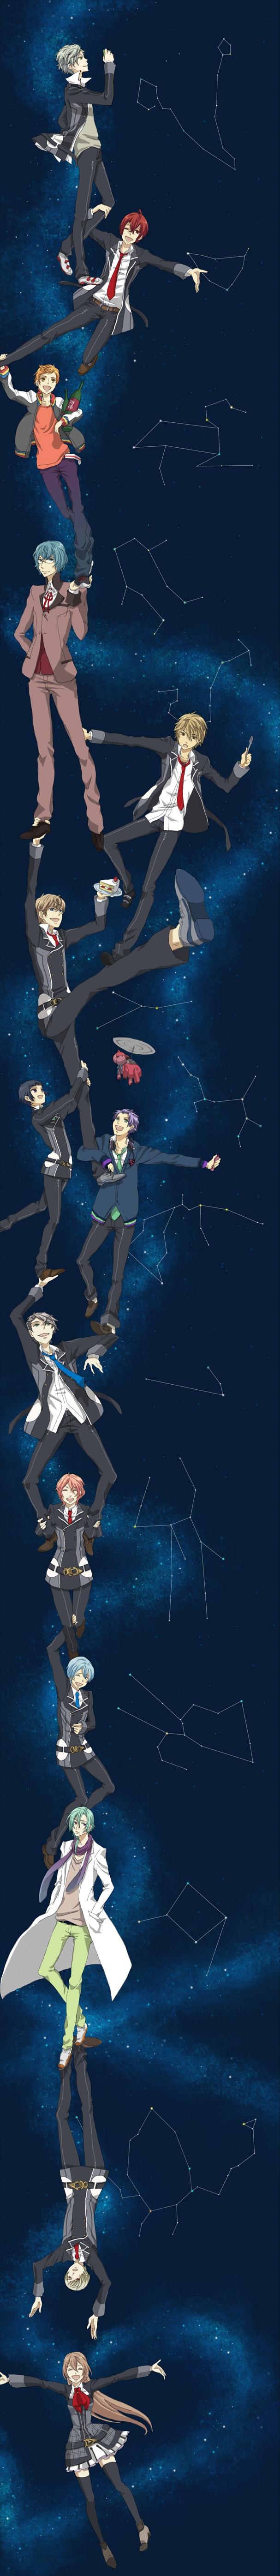 Tags: Anime, Tama (Pixiv1619557), Starry☆Sky~, Kinose Azusa, Aozora Hayato, Miyaji Ryunosuke, Hoshizuki Kotarou, Shiranui Kazuki, Nanami Kanata (Starry☆Sky), Amaha Tsubasa, Kanakubo Homare, Yahisa Tsukiko, Tohzuki Suzuya